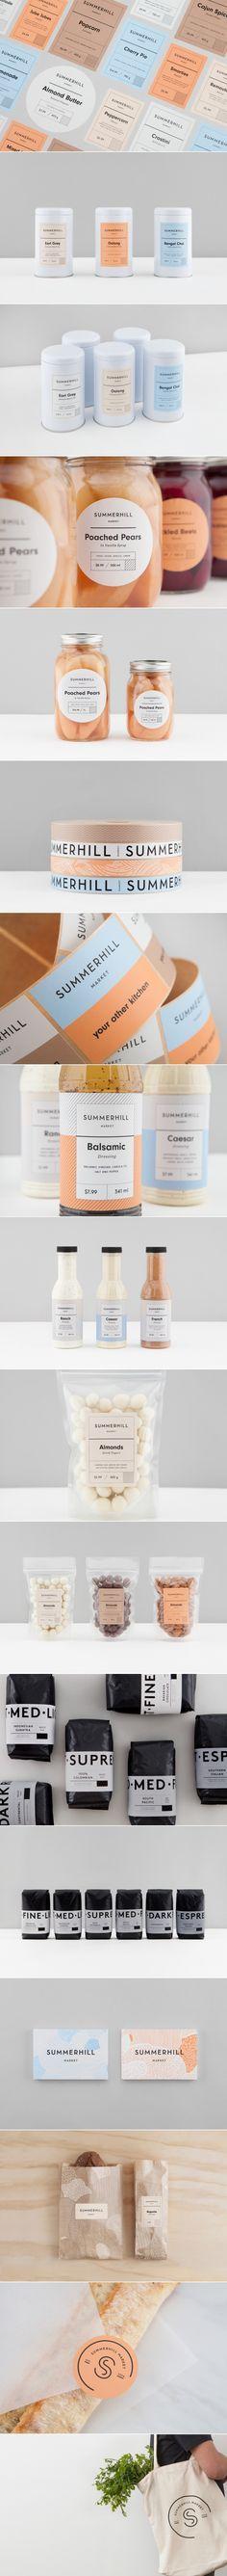 Summerhill Market's Fresh Contemporary Branding — The Dieline   Packaging & Branding Design & Innovation News